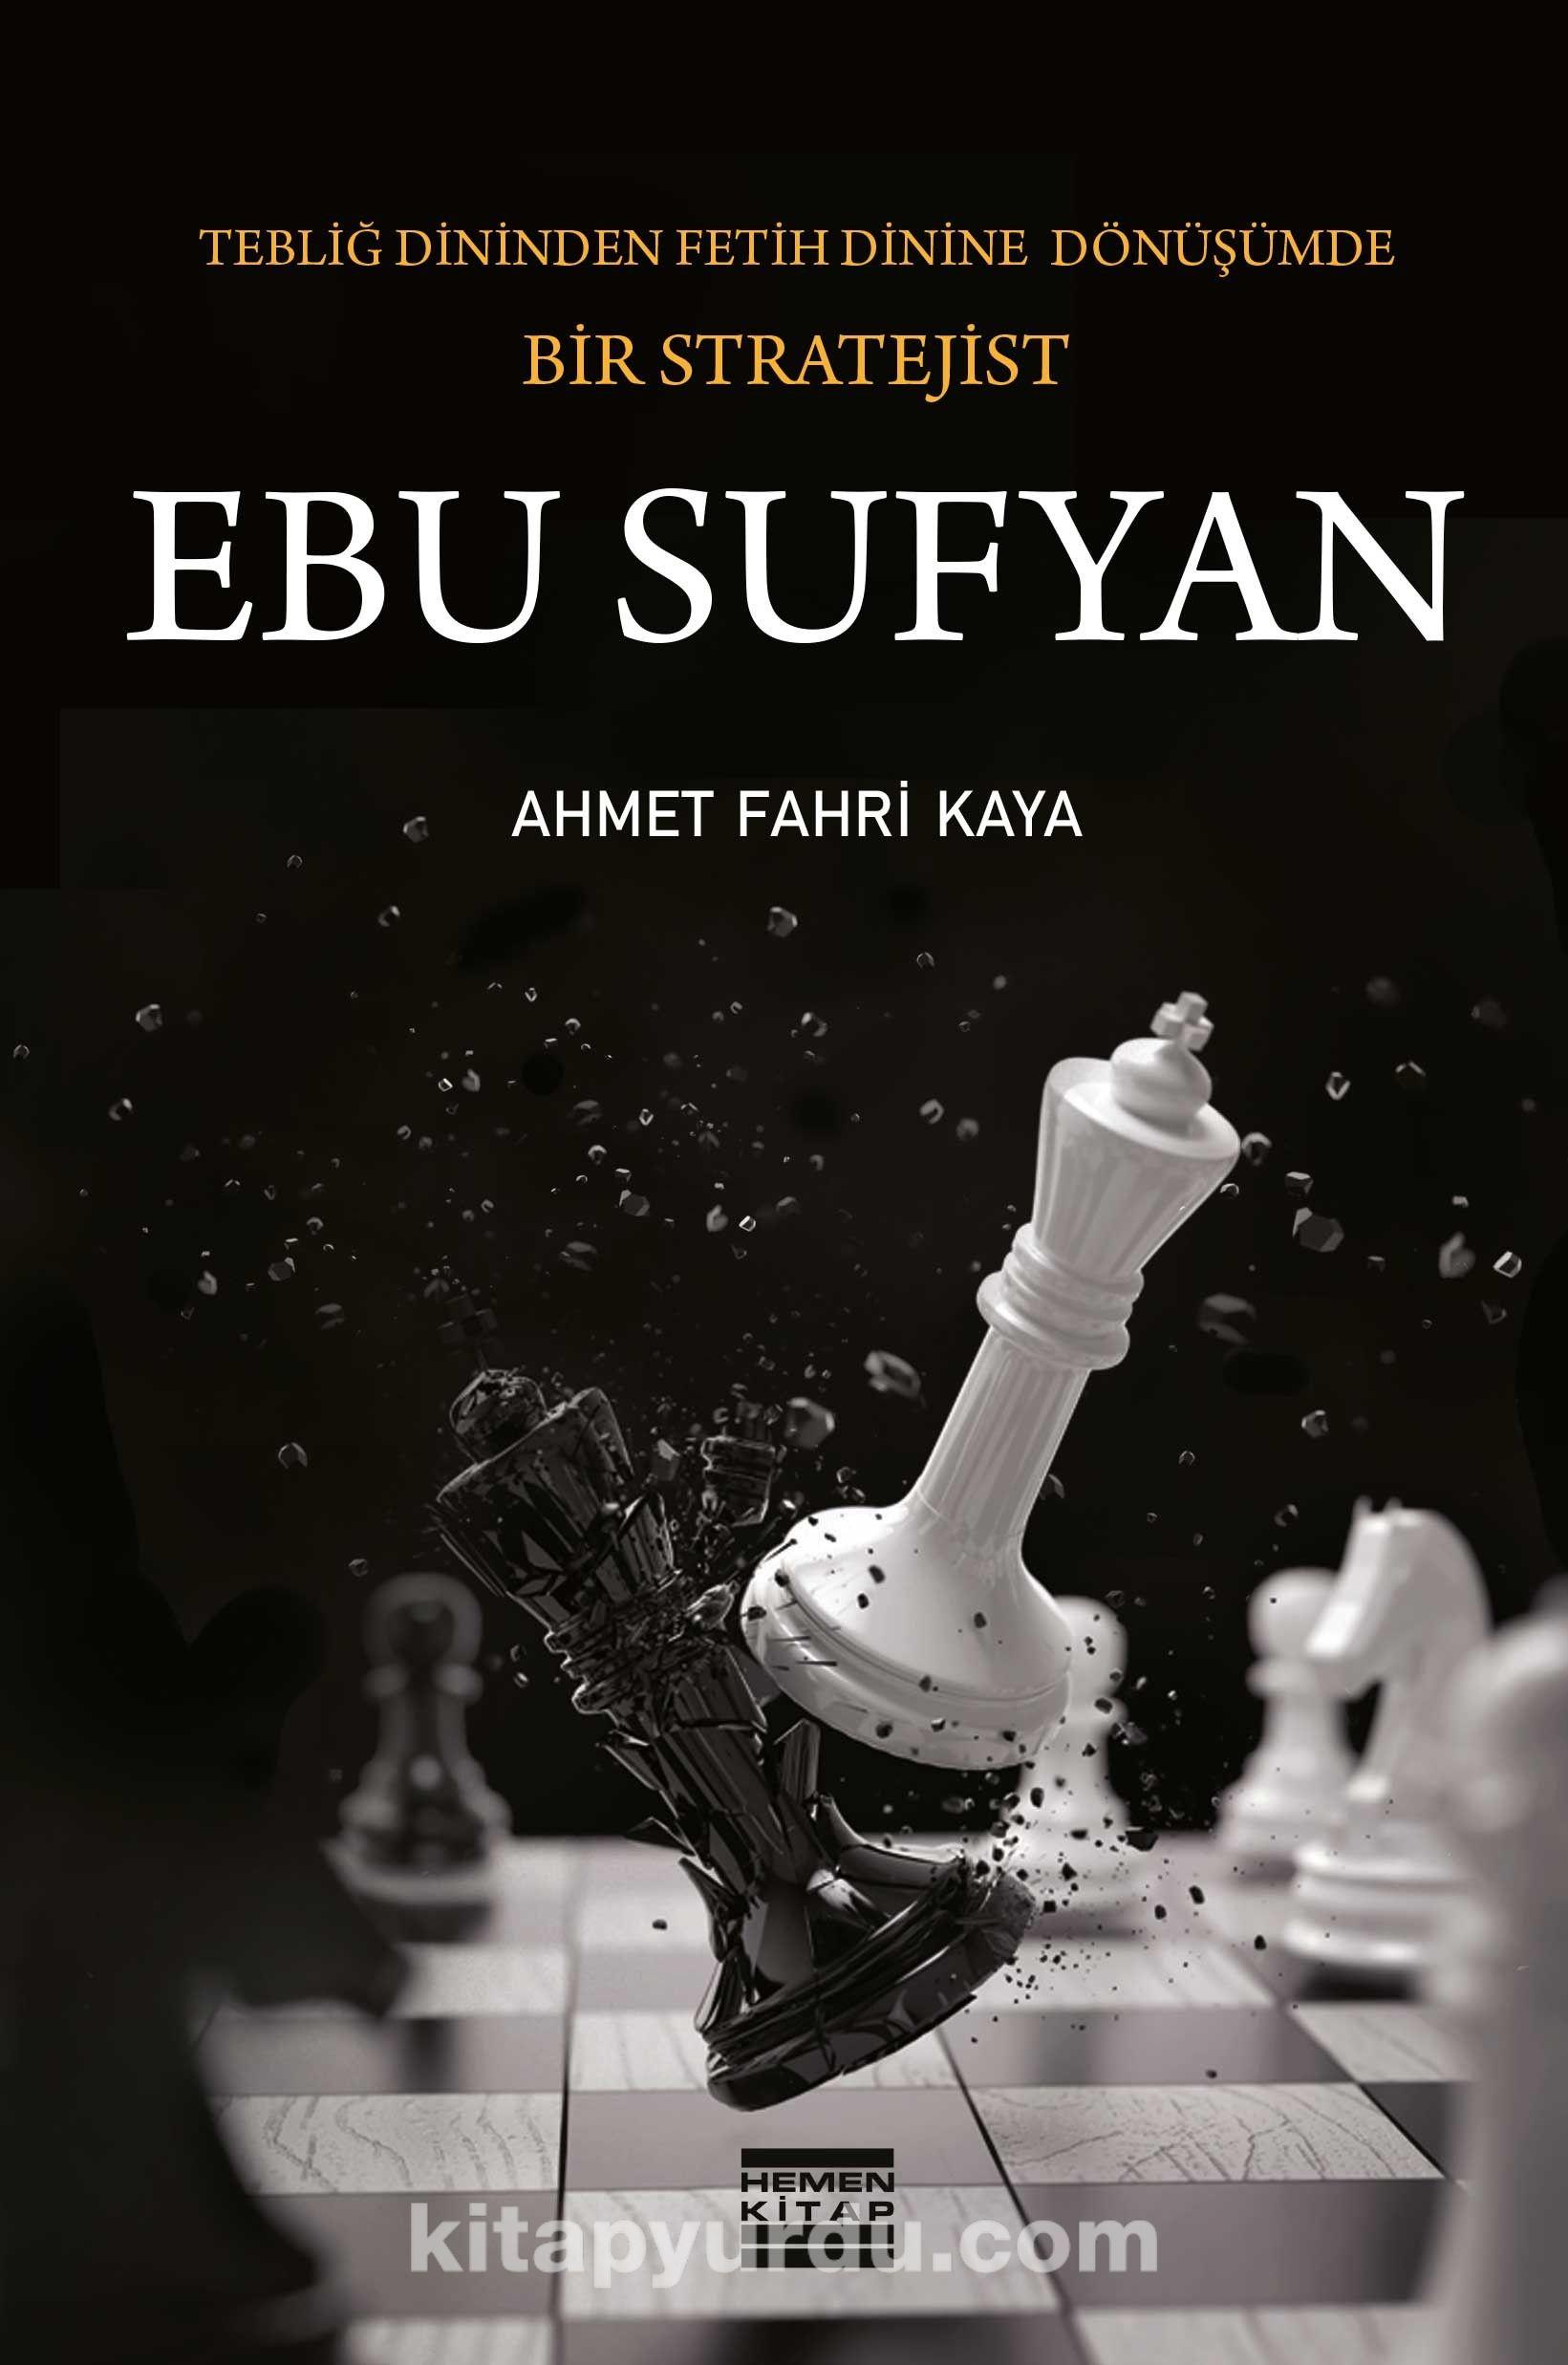 Ebu SufyanTebliğ Dininden Fetih Dinine Dönüşümde Bir Stratejist